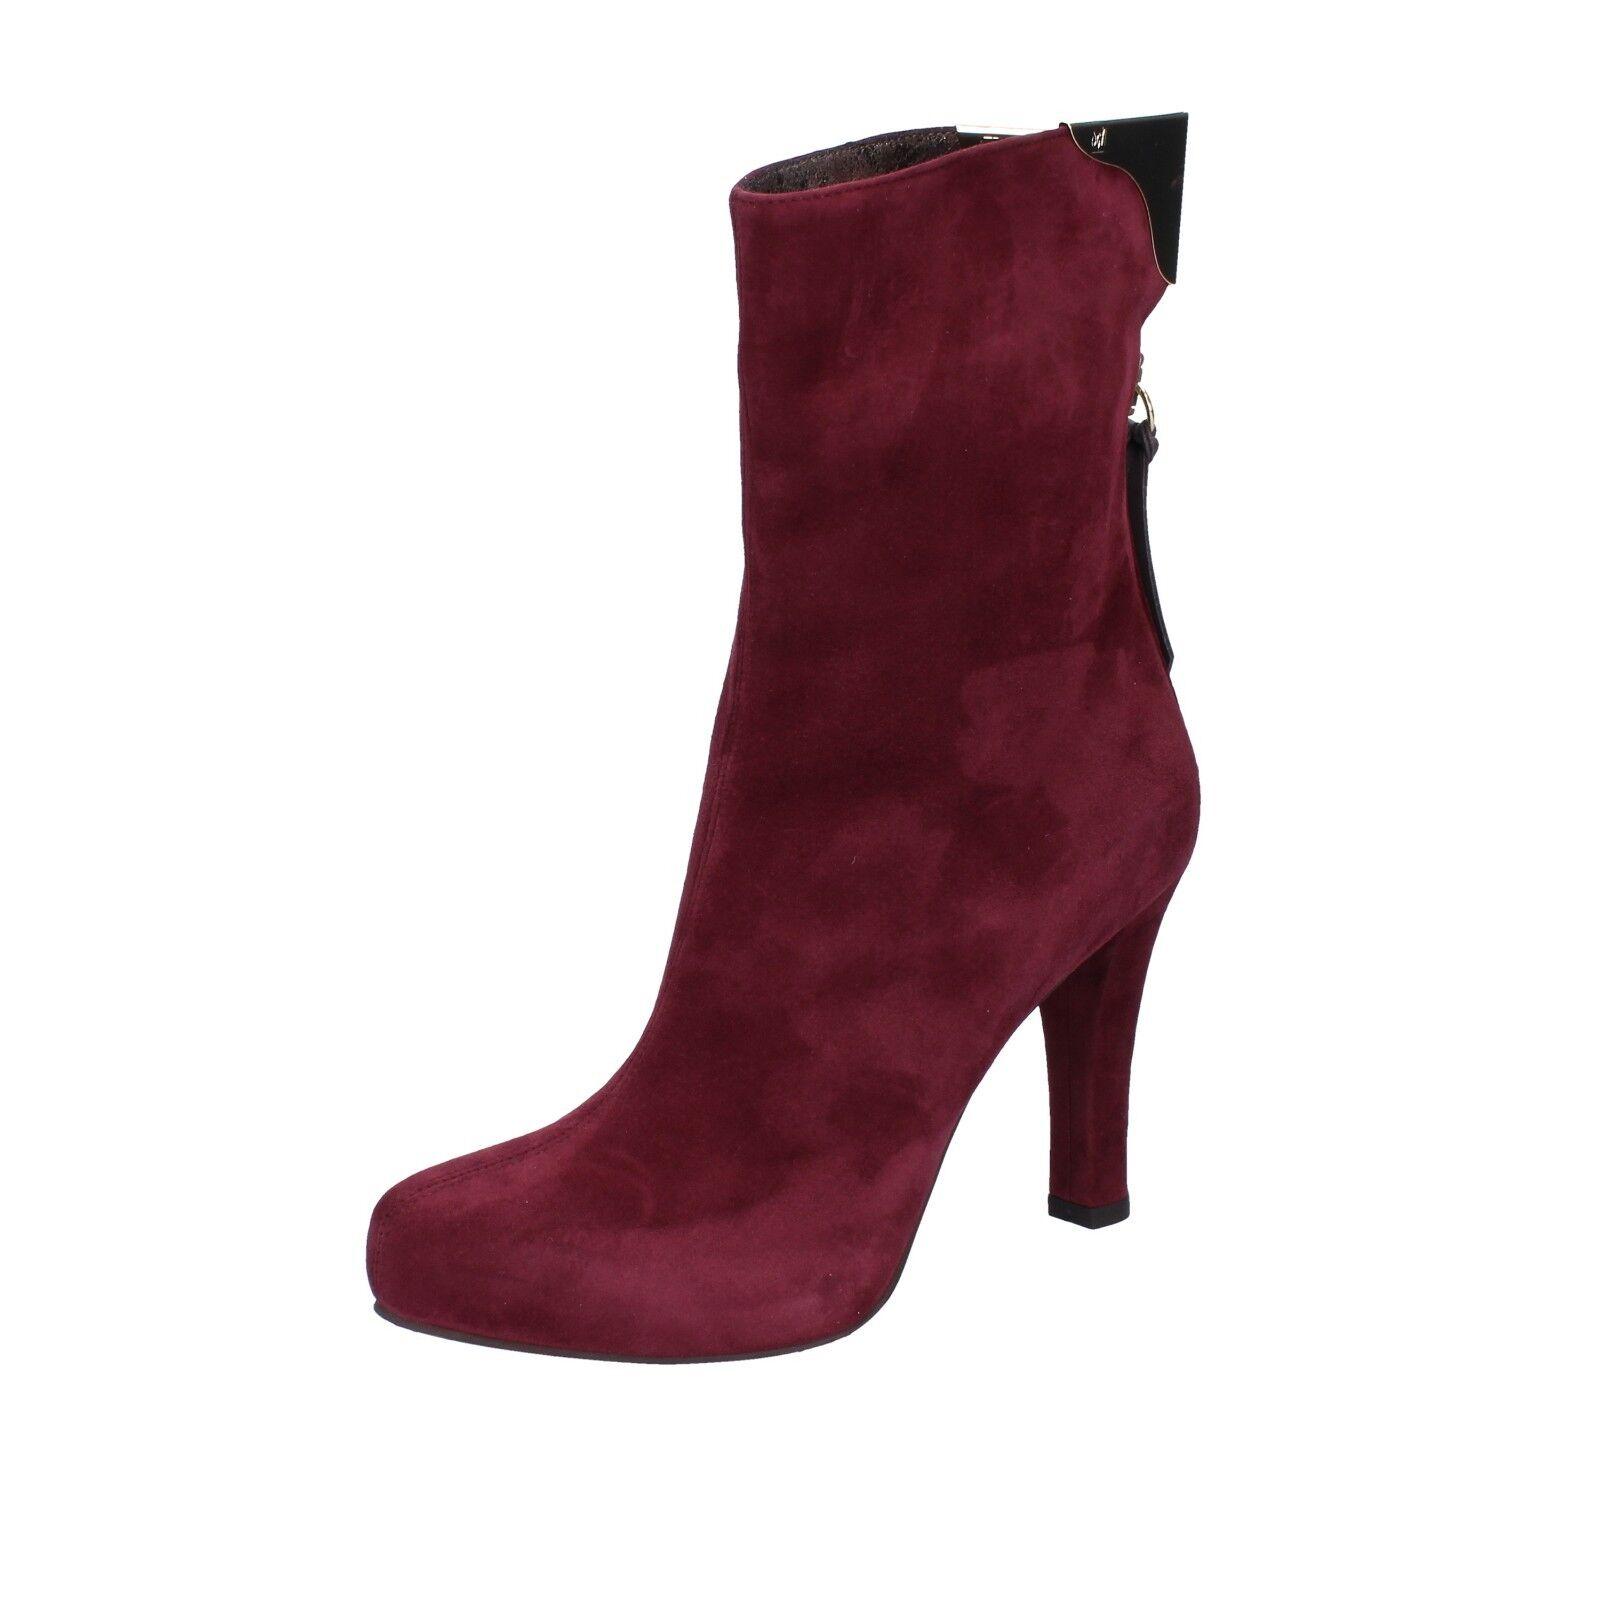 Zapatos señora giancarlo Paoli 37 UE botines botines botines Borgoña serraje ay131-37  seguro de calidad